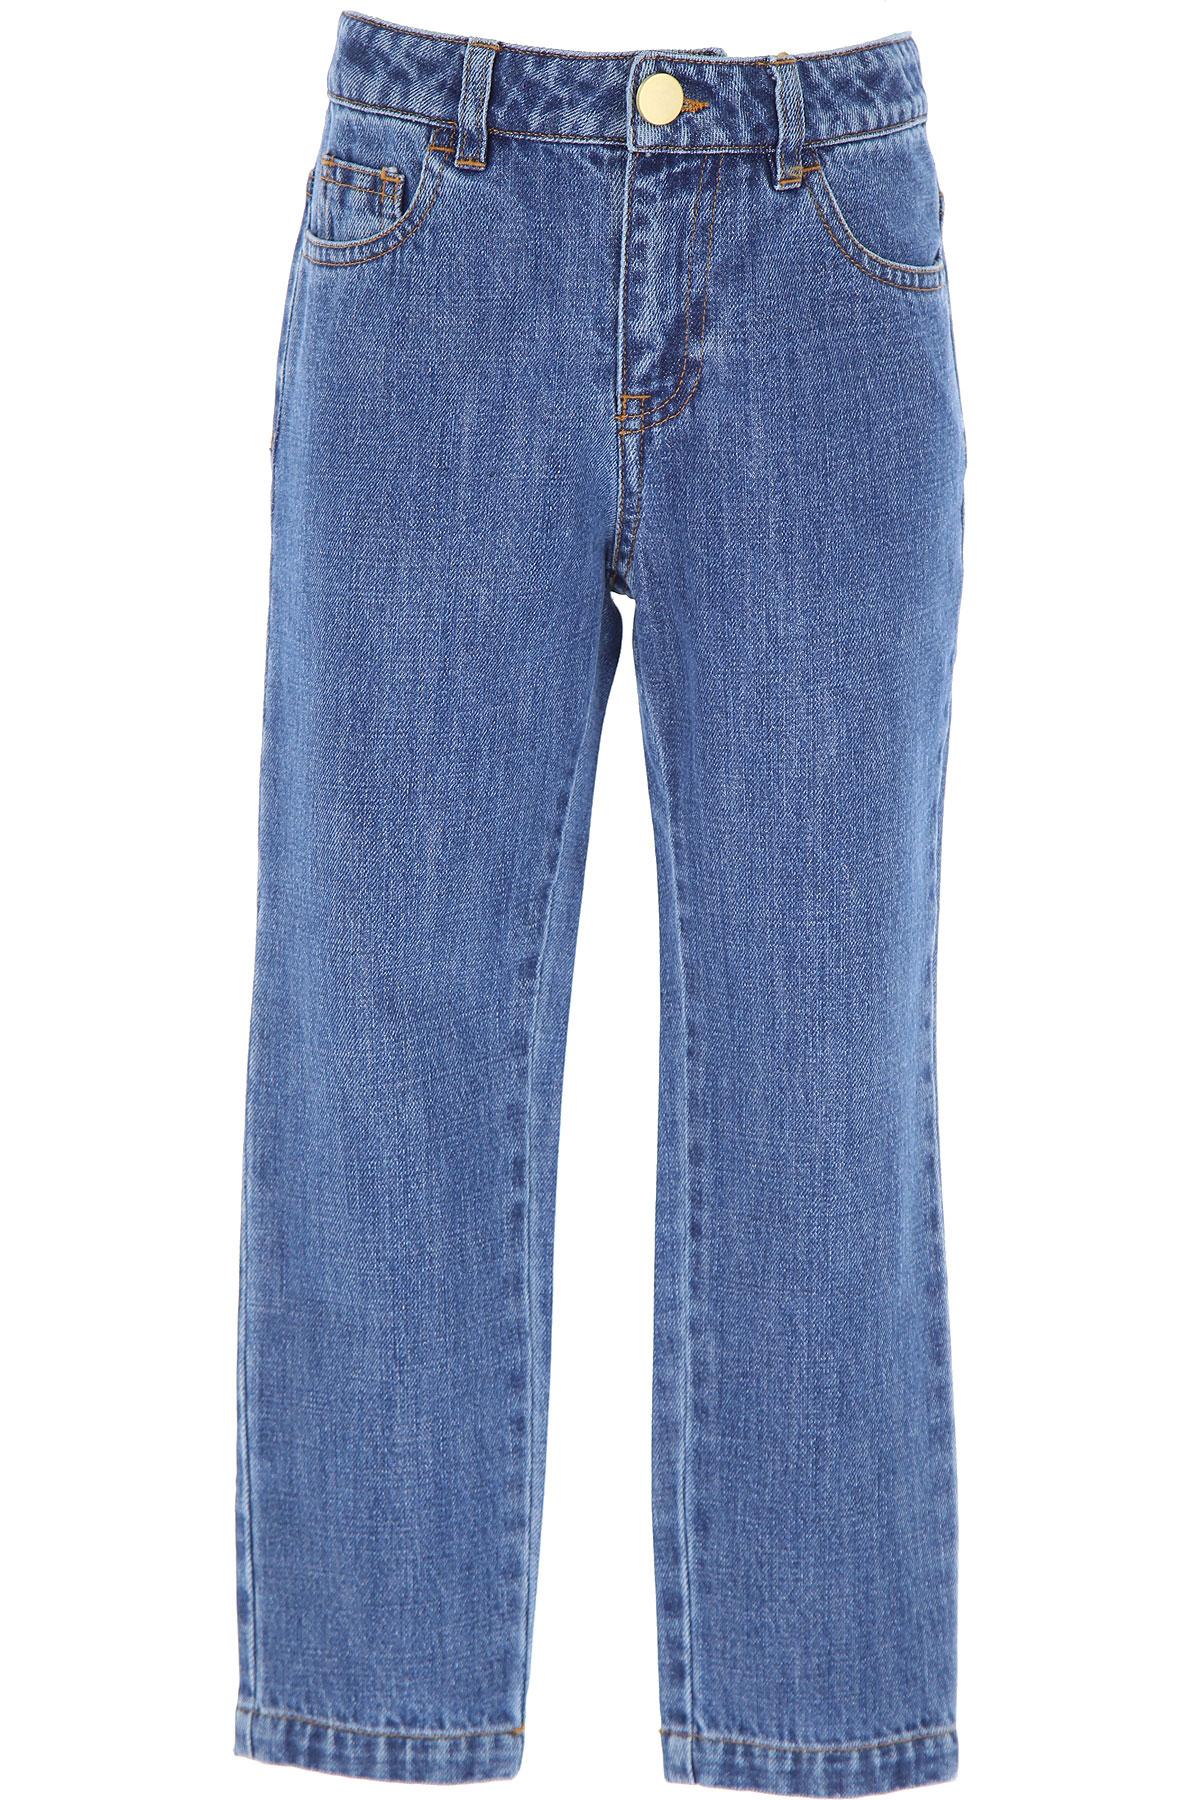 Philosophy di Lorenzo Serafini Kids Jeans for Girls On Sale, Blue Denim, Cotton, 2019, 10Y 12Y 6Y 8Y